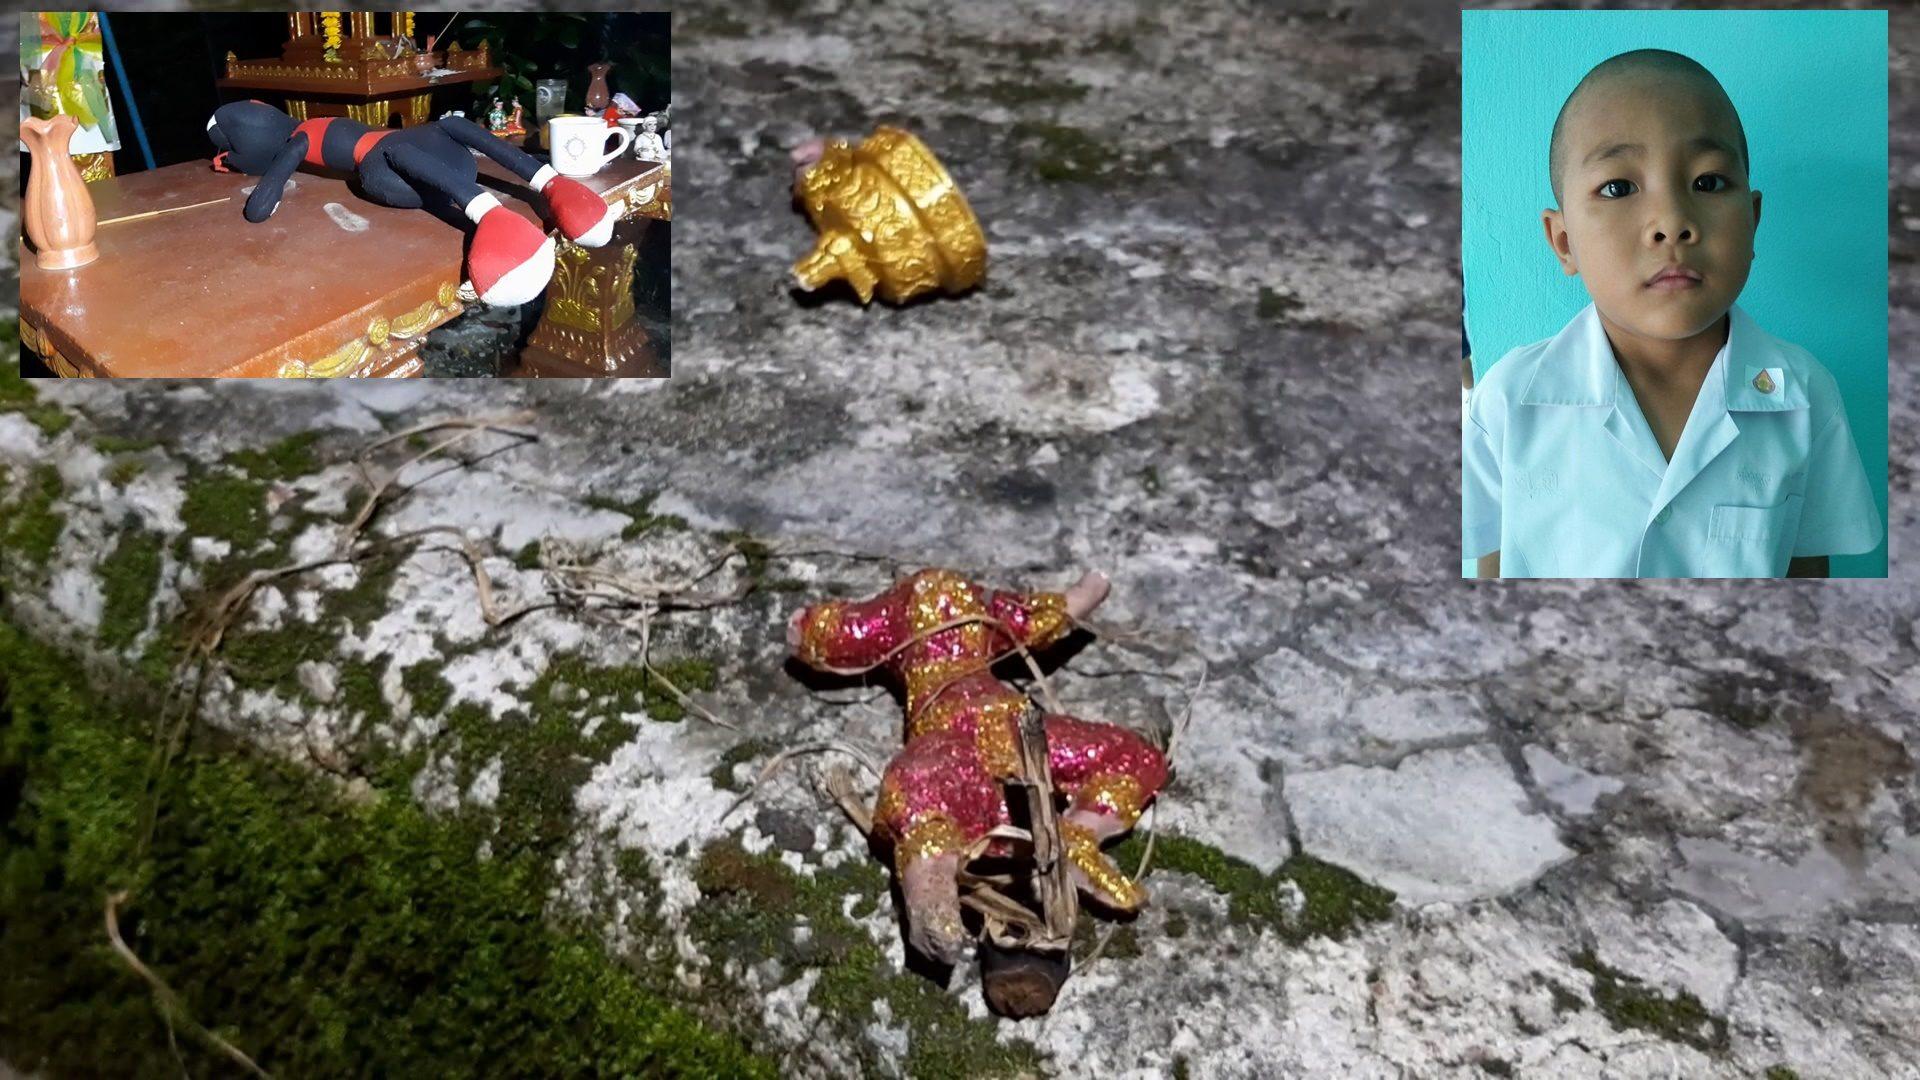 ผวาอาถรรพ์ หนูน้อย 6 ขวบ เดินหายออกจากบ้าน เจอตุ๊กตาตัวโปรดอยู่ใกล้รูปปั้นนางรำถูกหักคอ